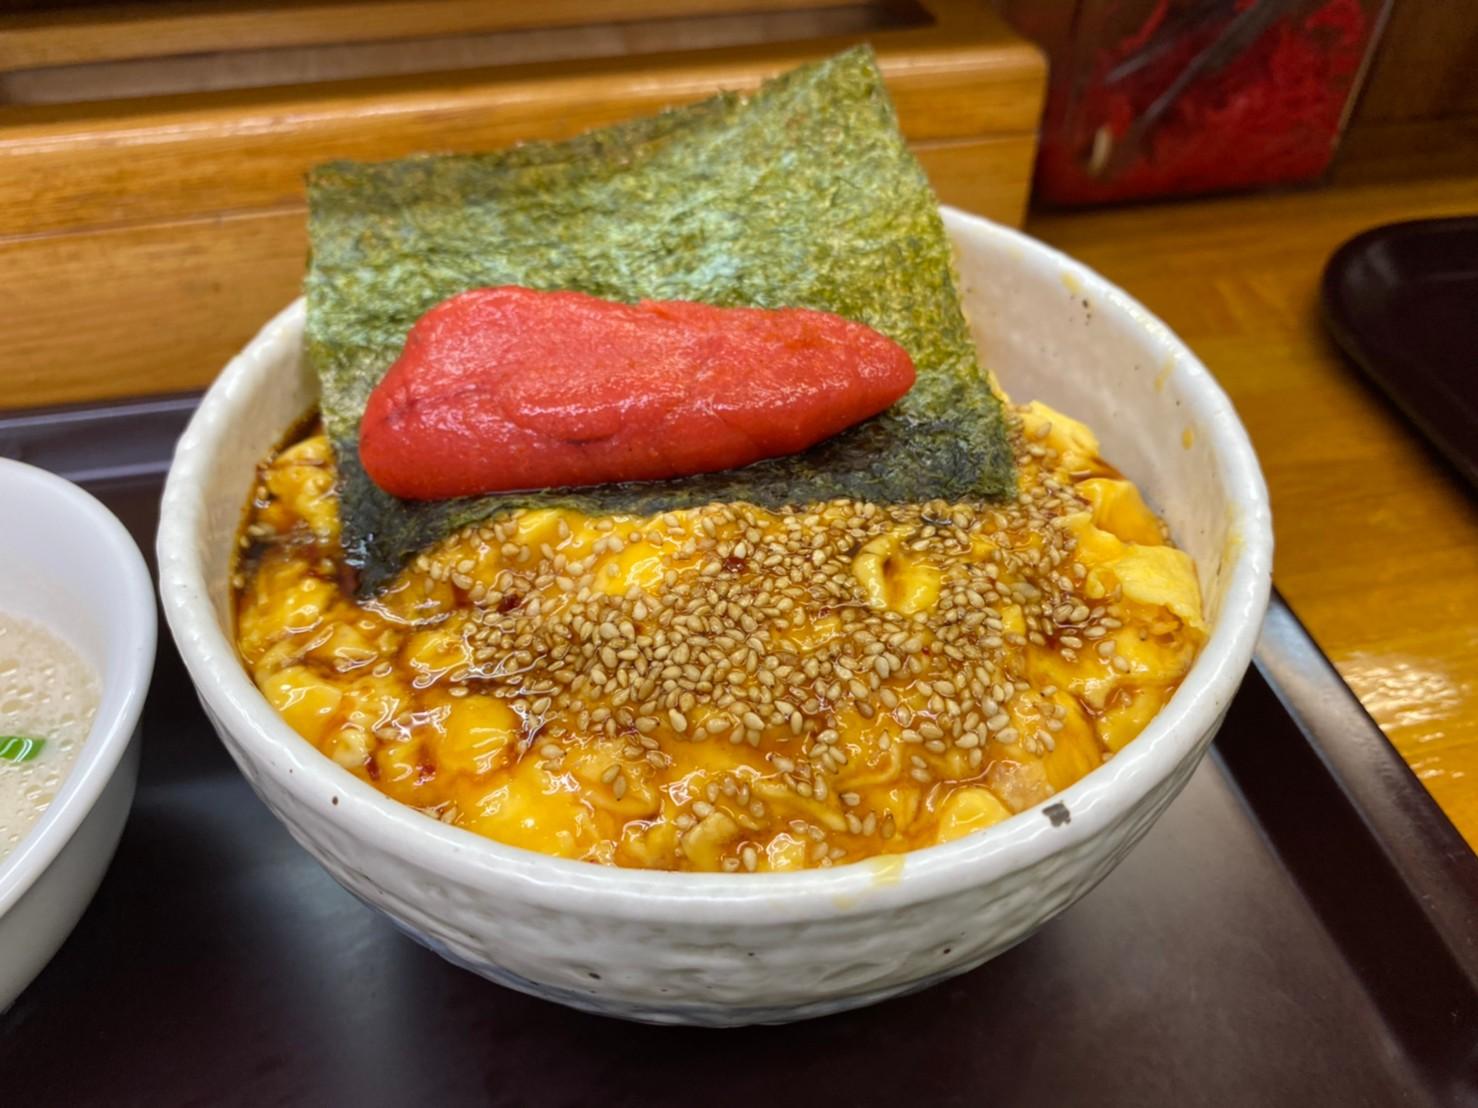 東別院|本場博多さながらの味を名古屋で!インパクト大の名物丼にも大注目なラーメン屋